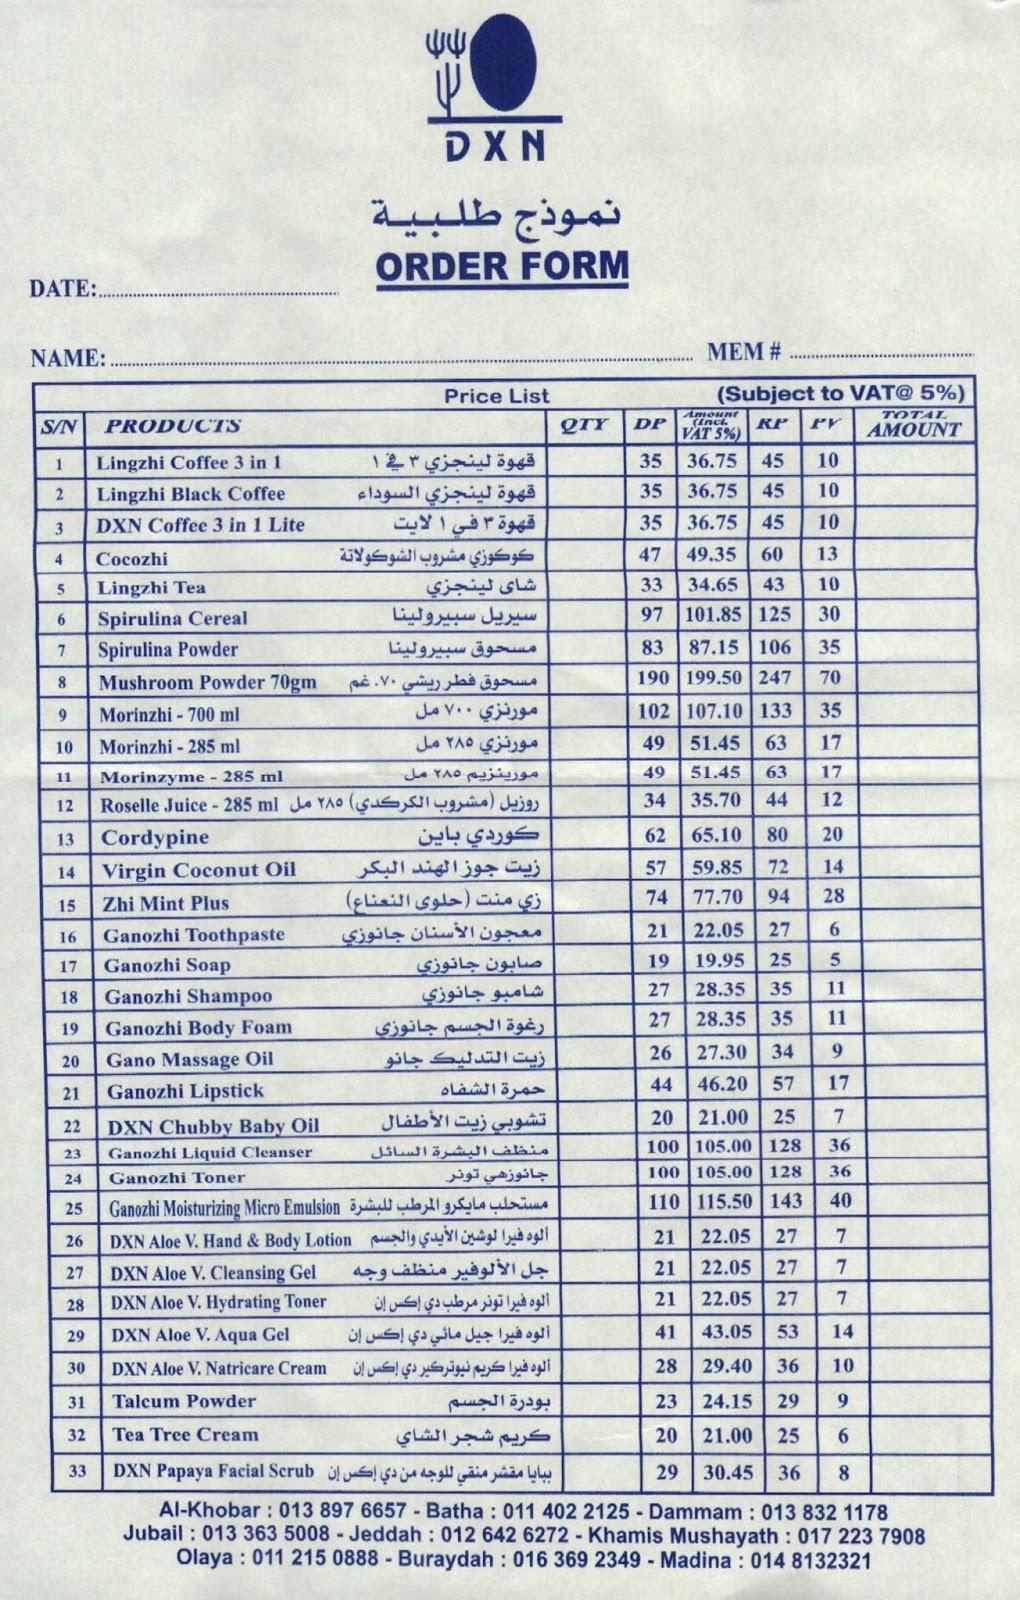 قائمة أسعار منتجات Dxn في السعودية يونيو 2019